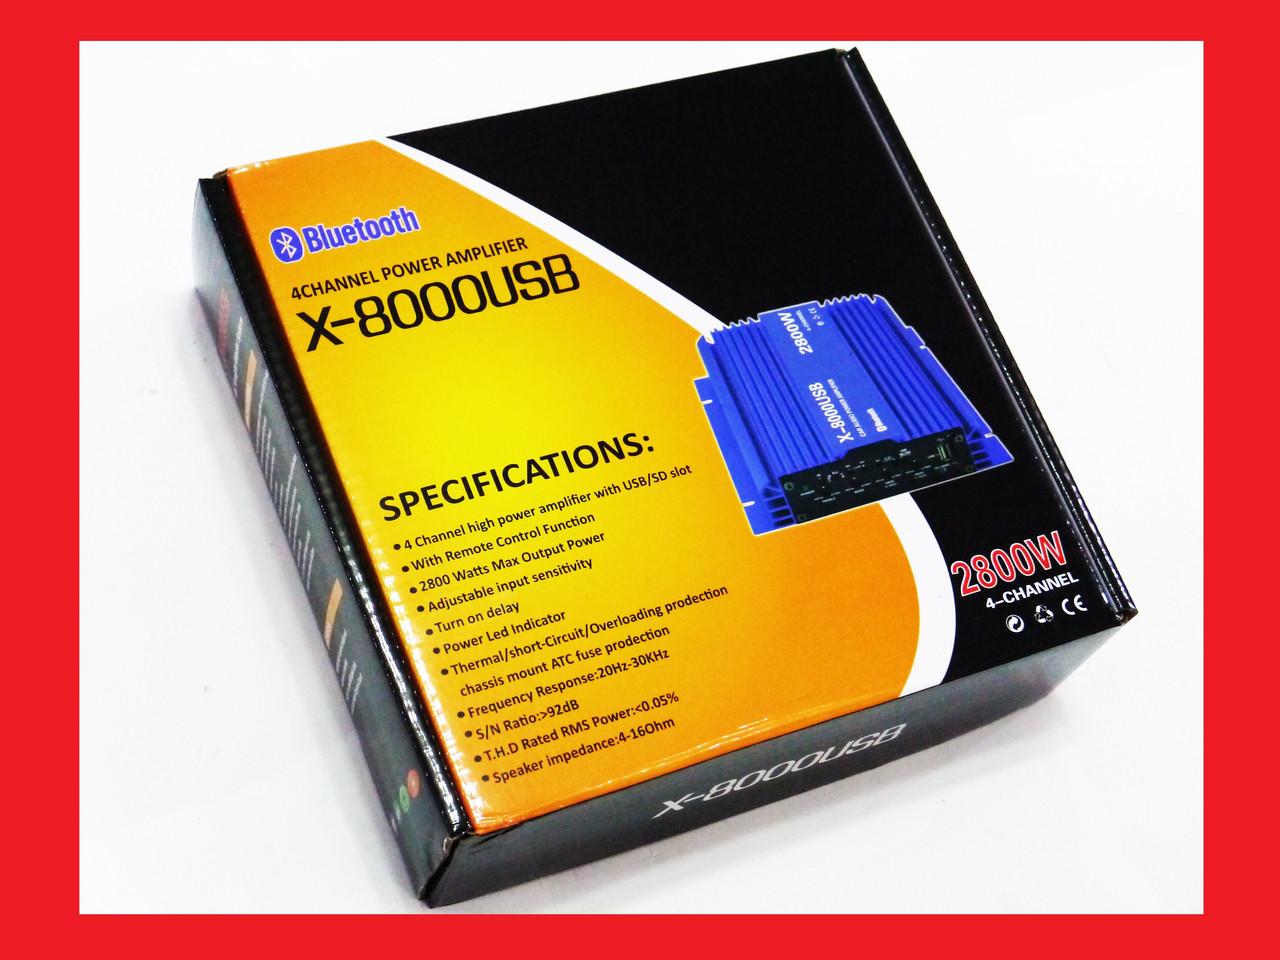 Усилитель X-8000USB - Bluetooth, USB,FM,MP3! 2800W 4х канальный